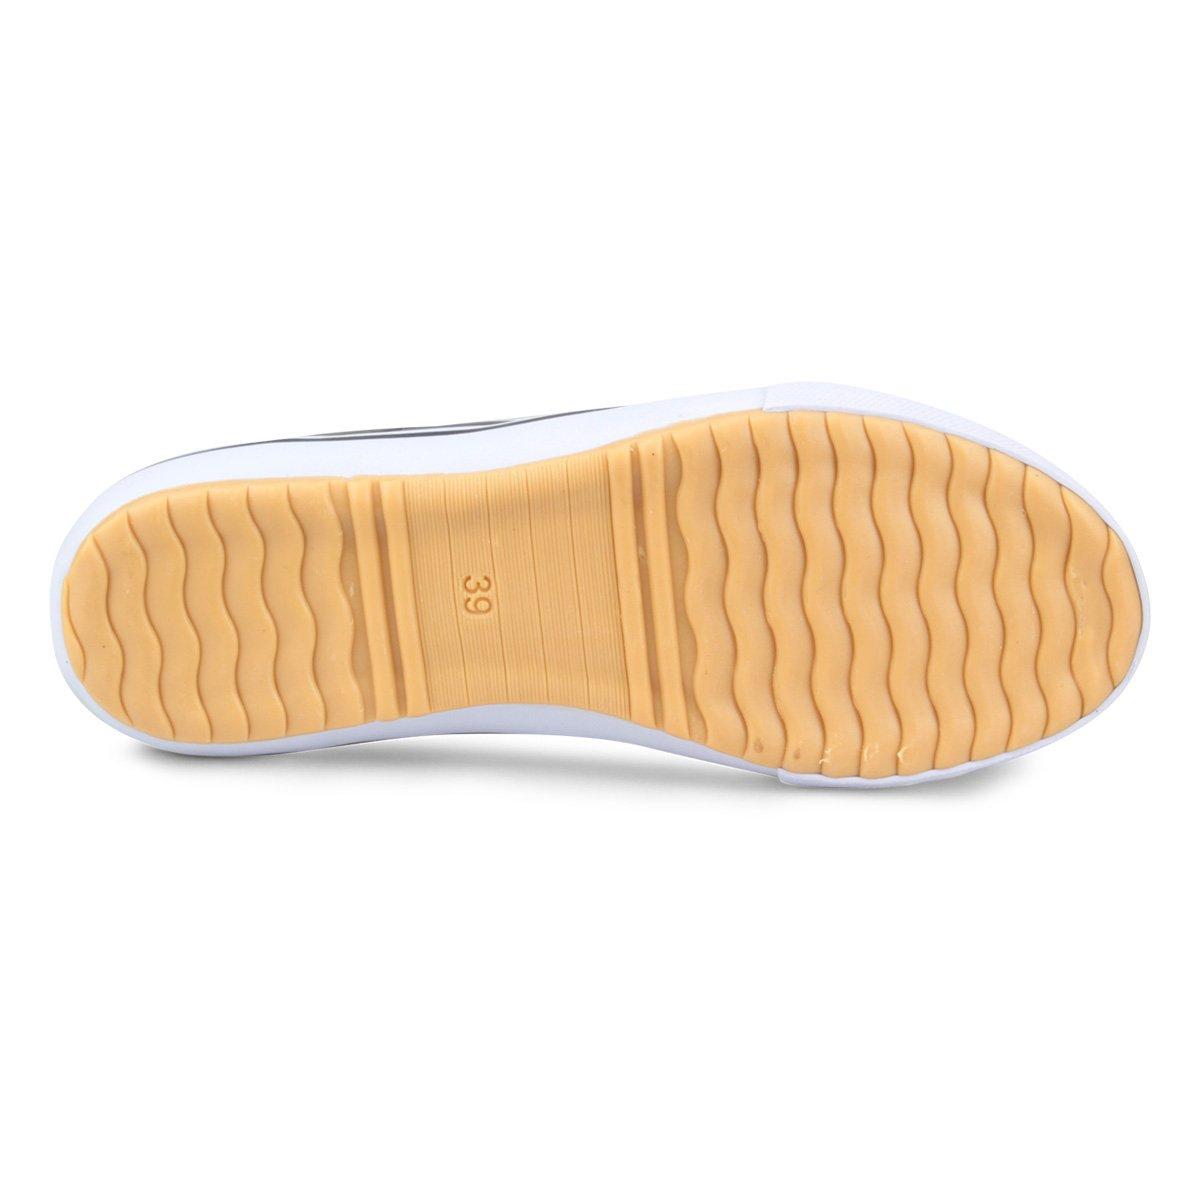 Chuteira Futsal Dray Domínio - Preto e Dourado - Compre Agora  b864c6cef7871